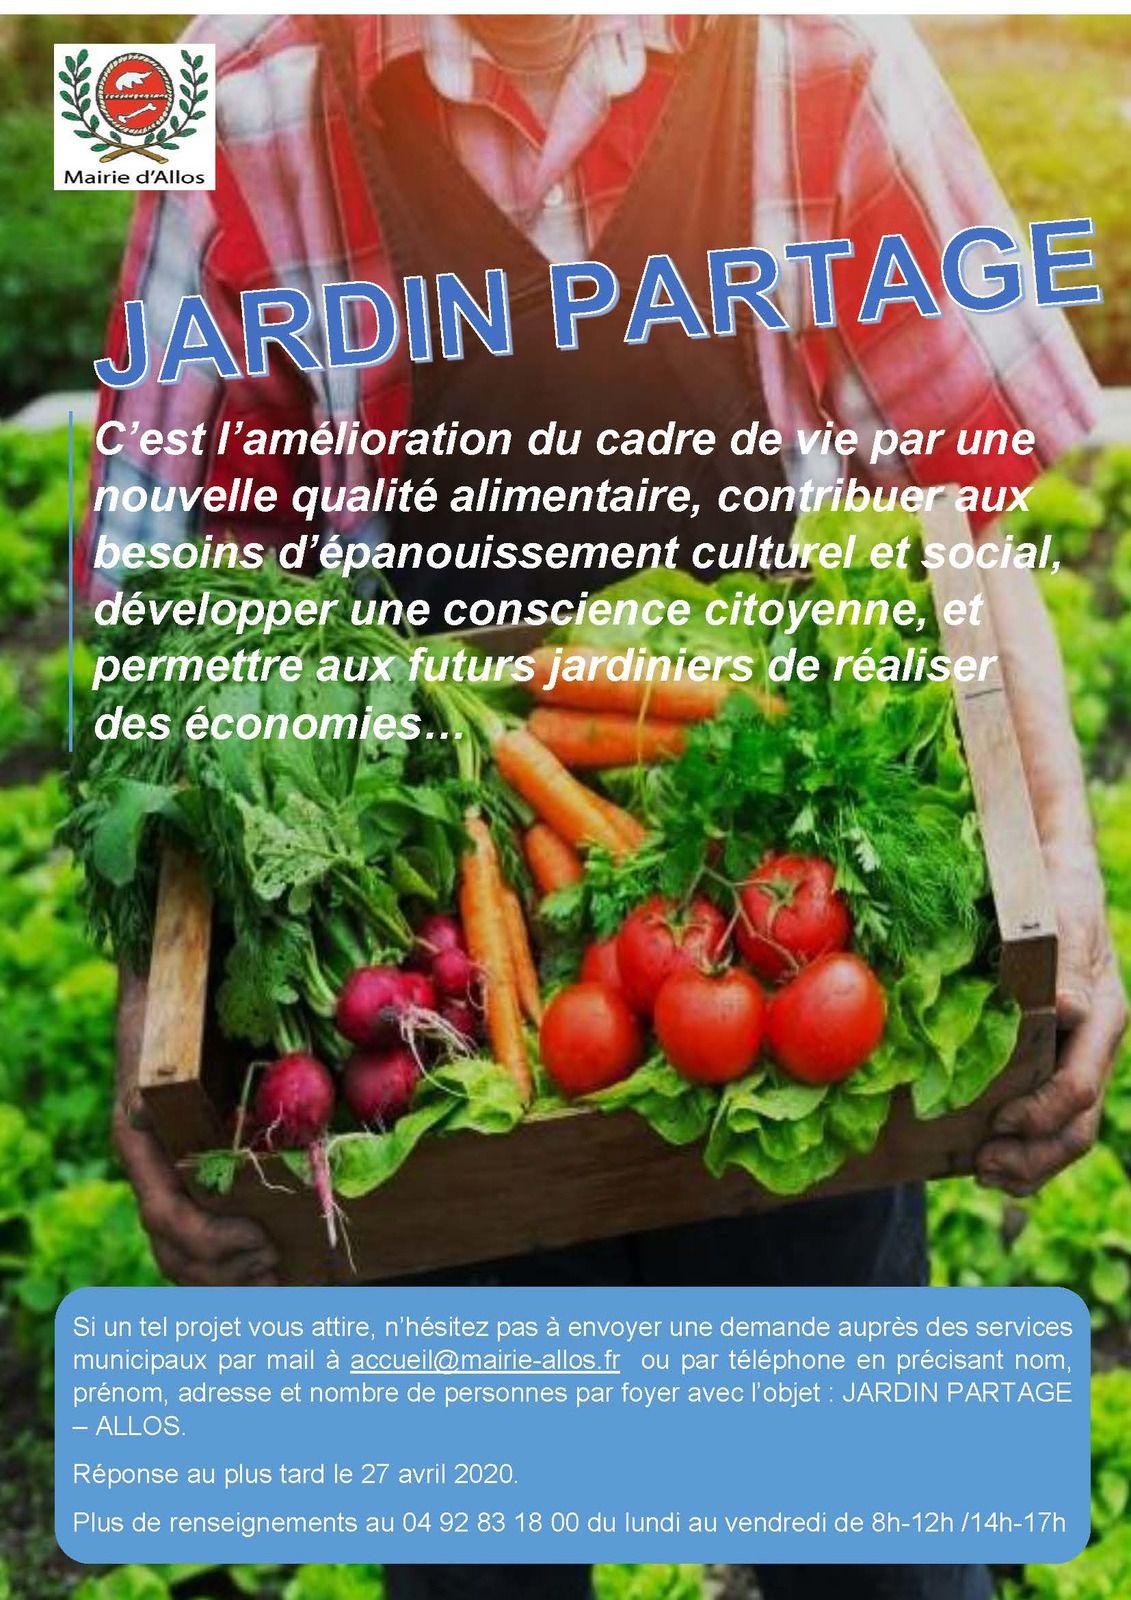 Allos  : Jardins partagés